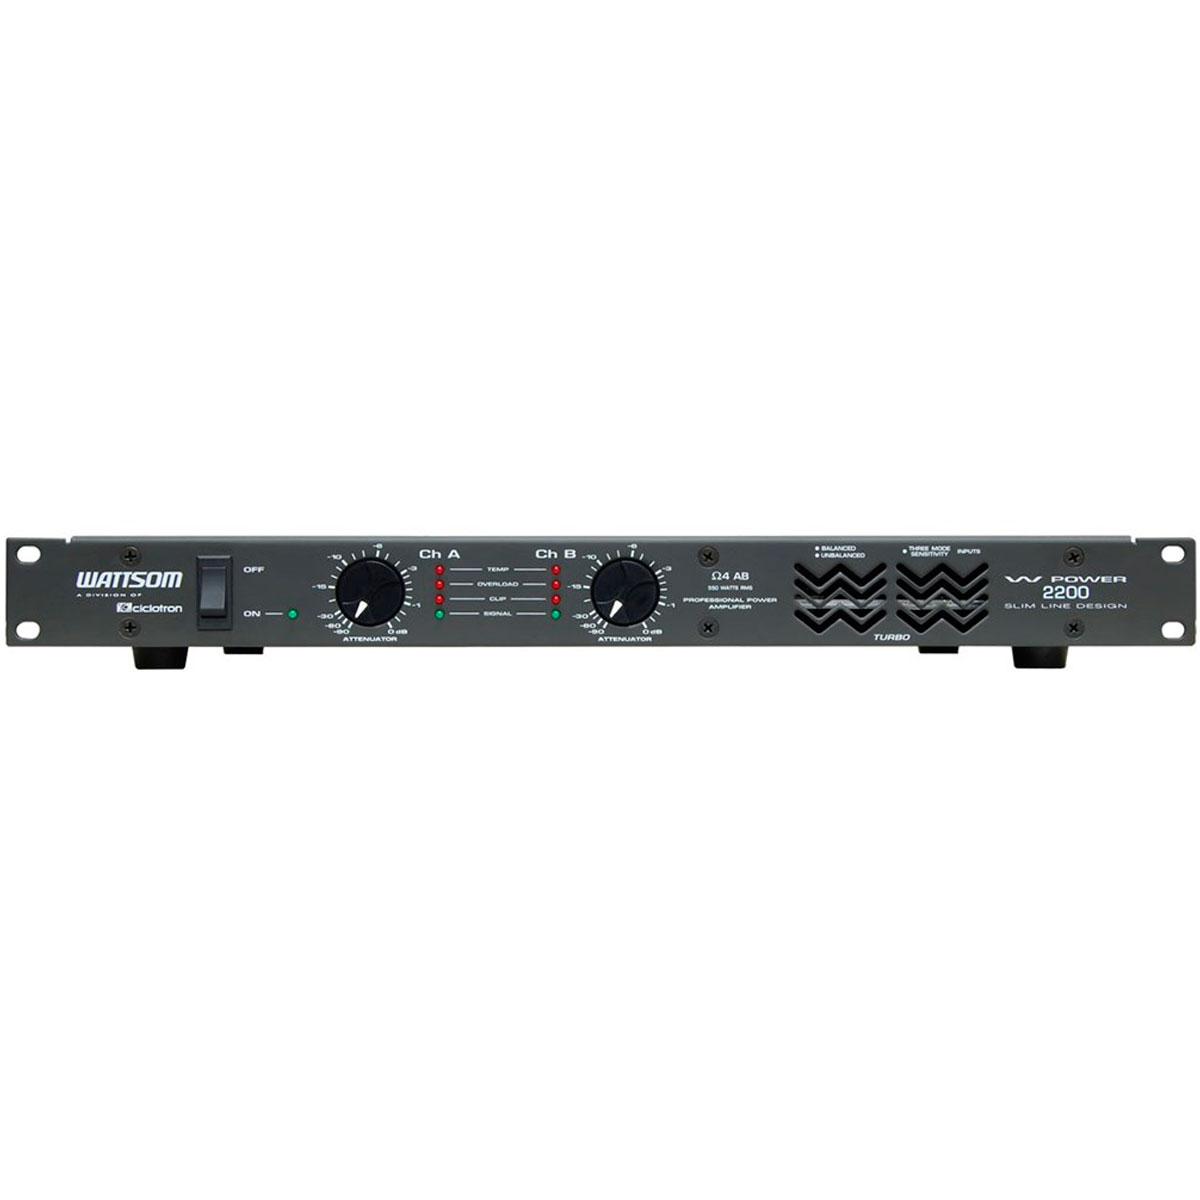 WPOWER2200 - Amplificador Estéreo 2 Canais 550W W POWER 2200 - Ciclotron